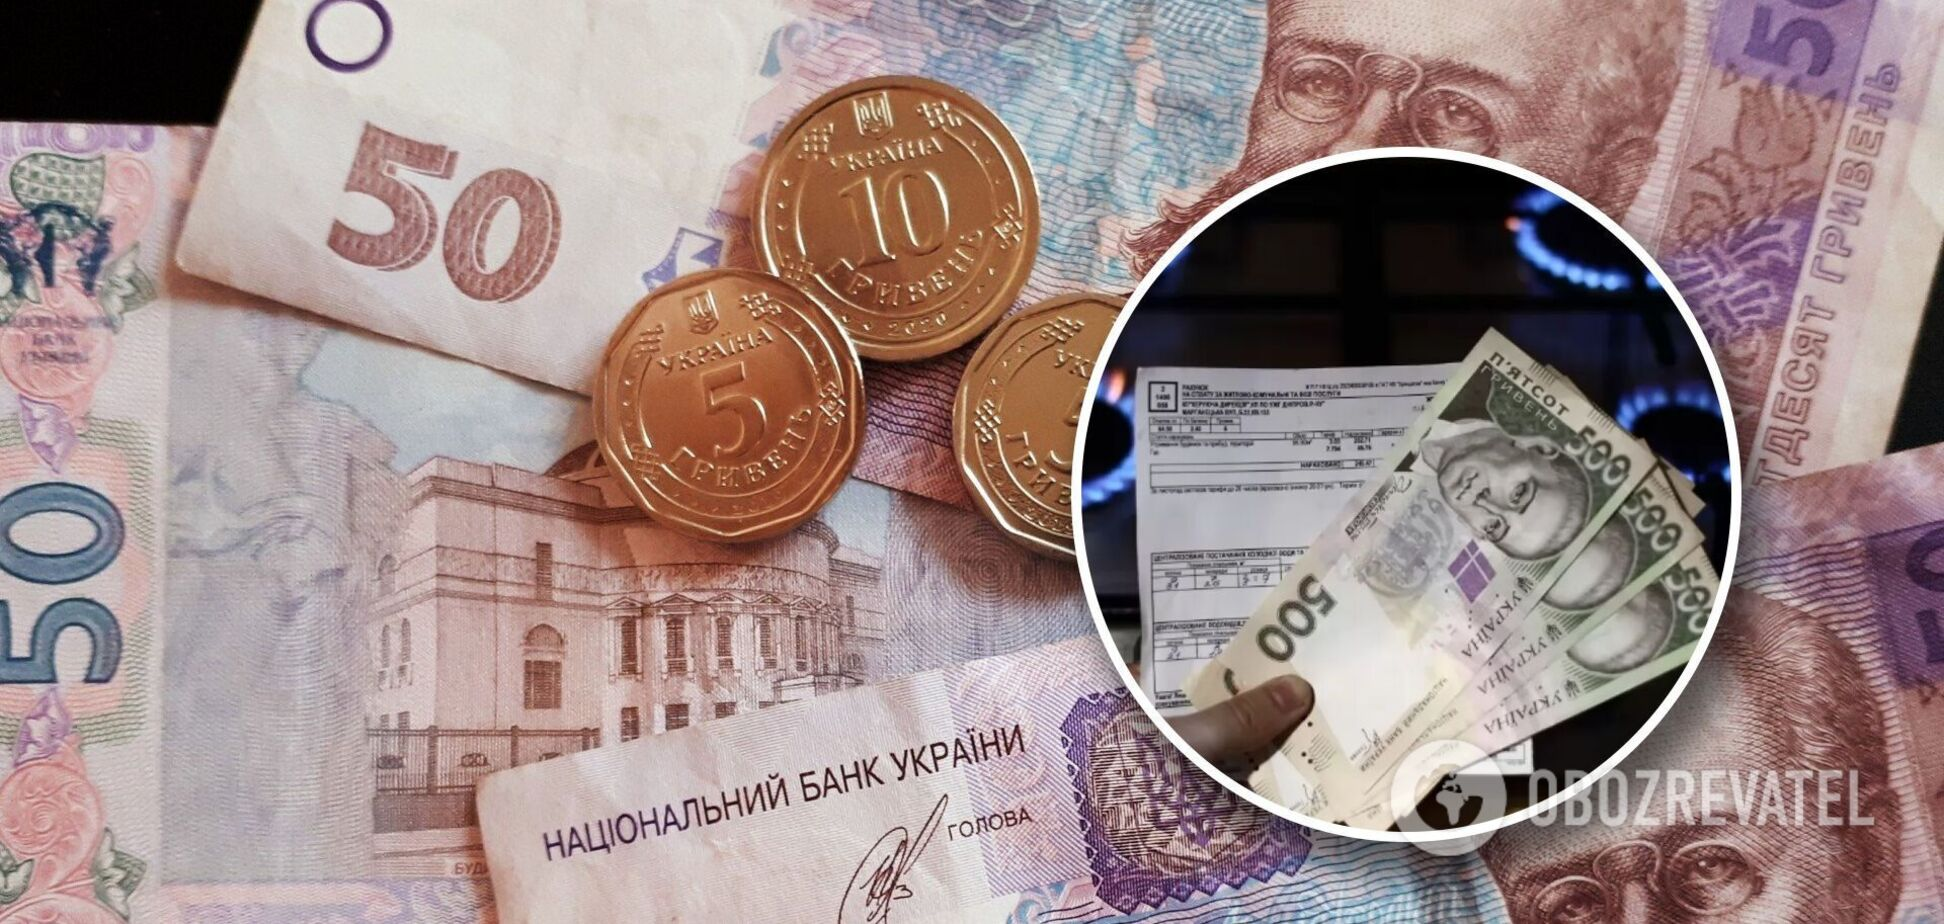 Українці скаржаться на газовиків: через борги пенсіонерів обманюють і навіть б'ють